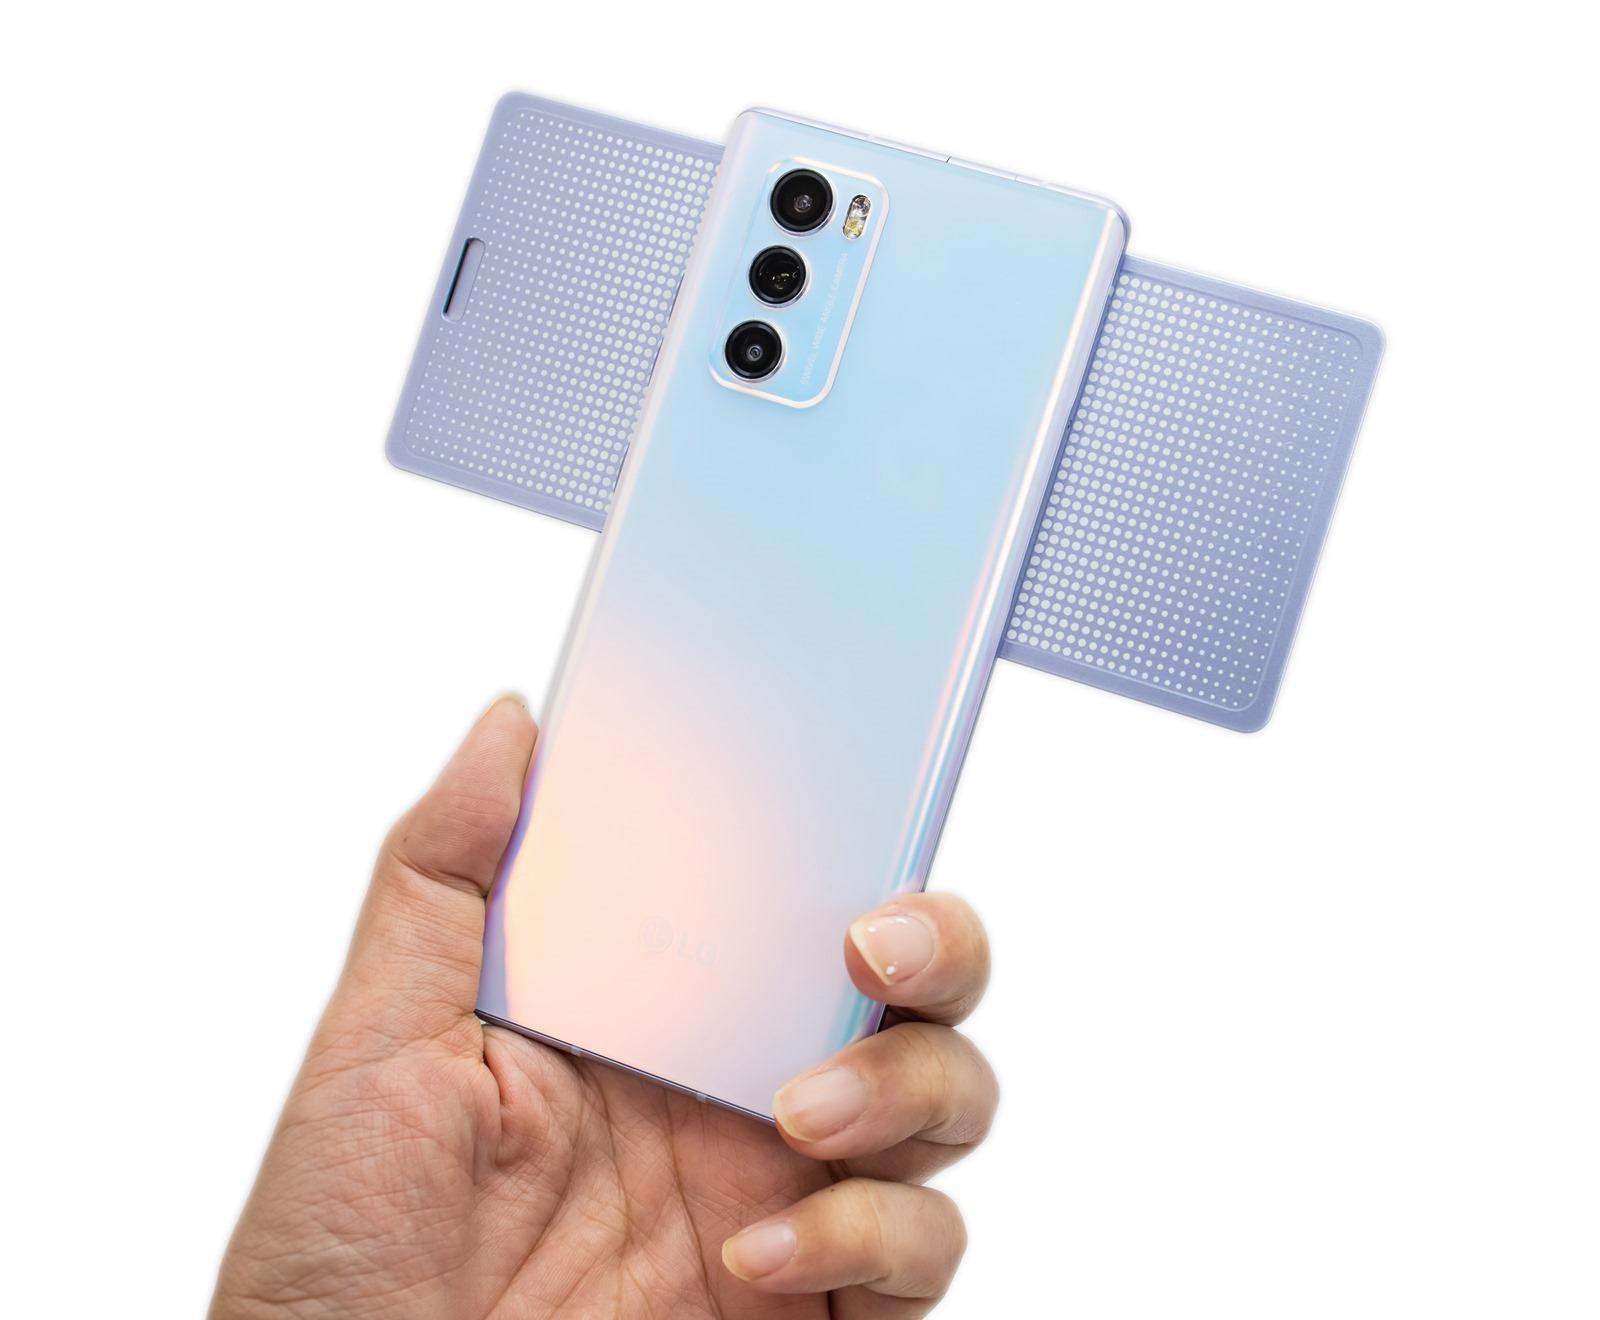 創新第一!超特殊旋轉雙螢幕手機 LG Wing 性能電力實測 @3C 達人廖阿輝